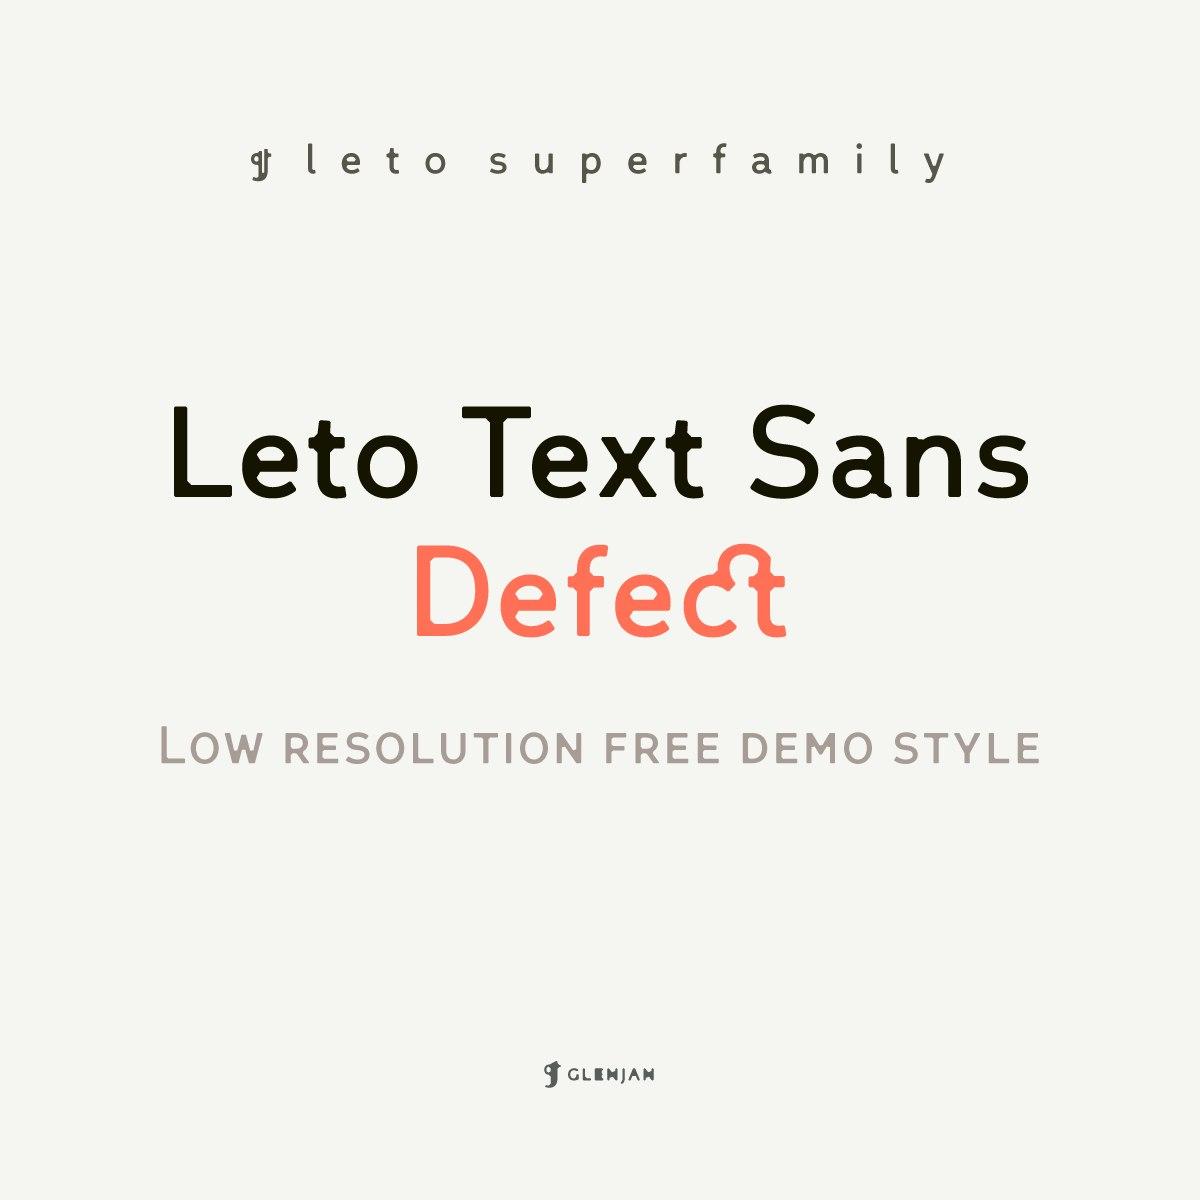 Font Leto Text Sana